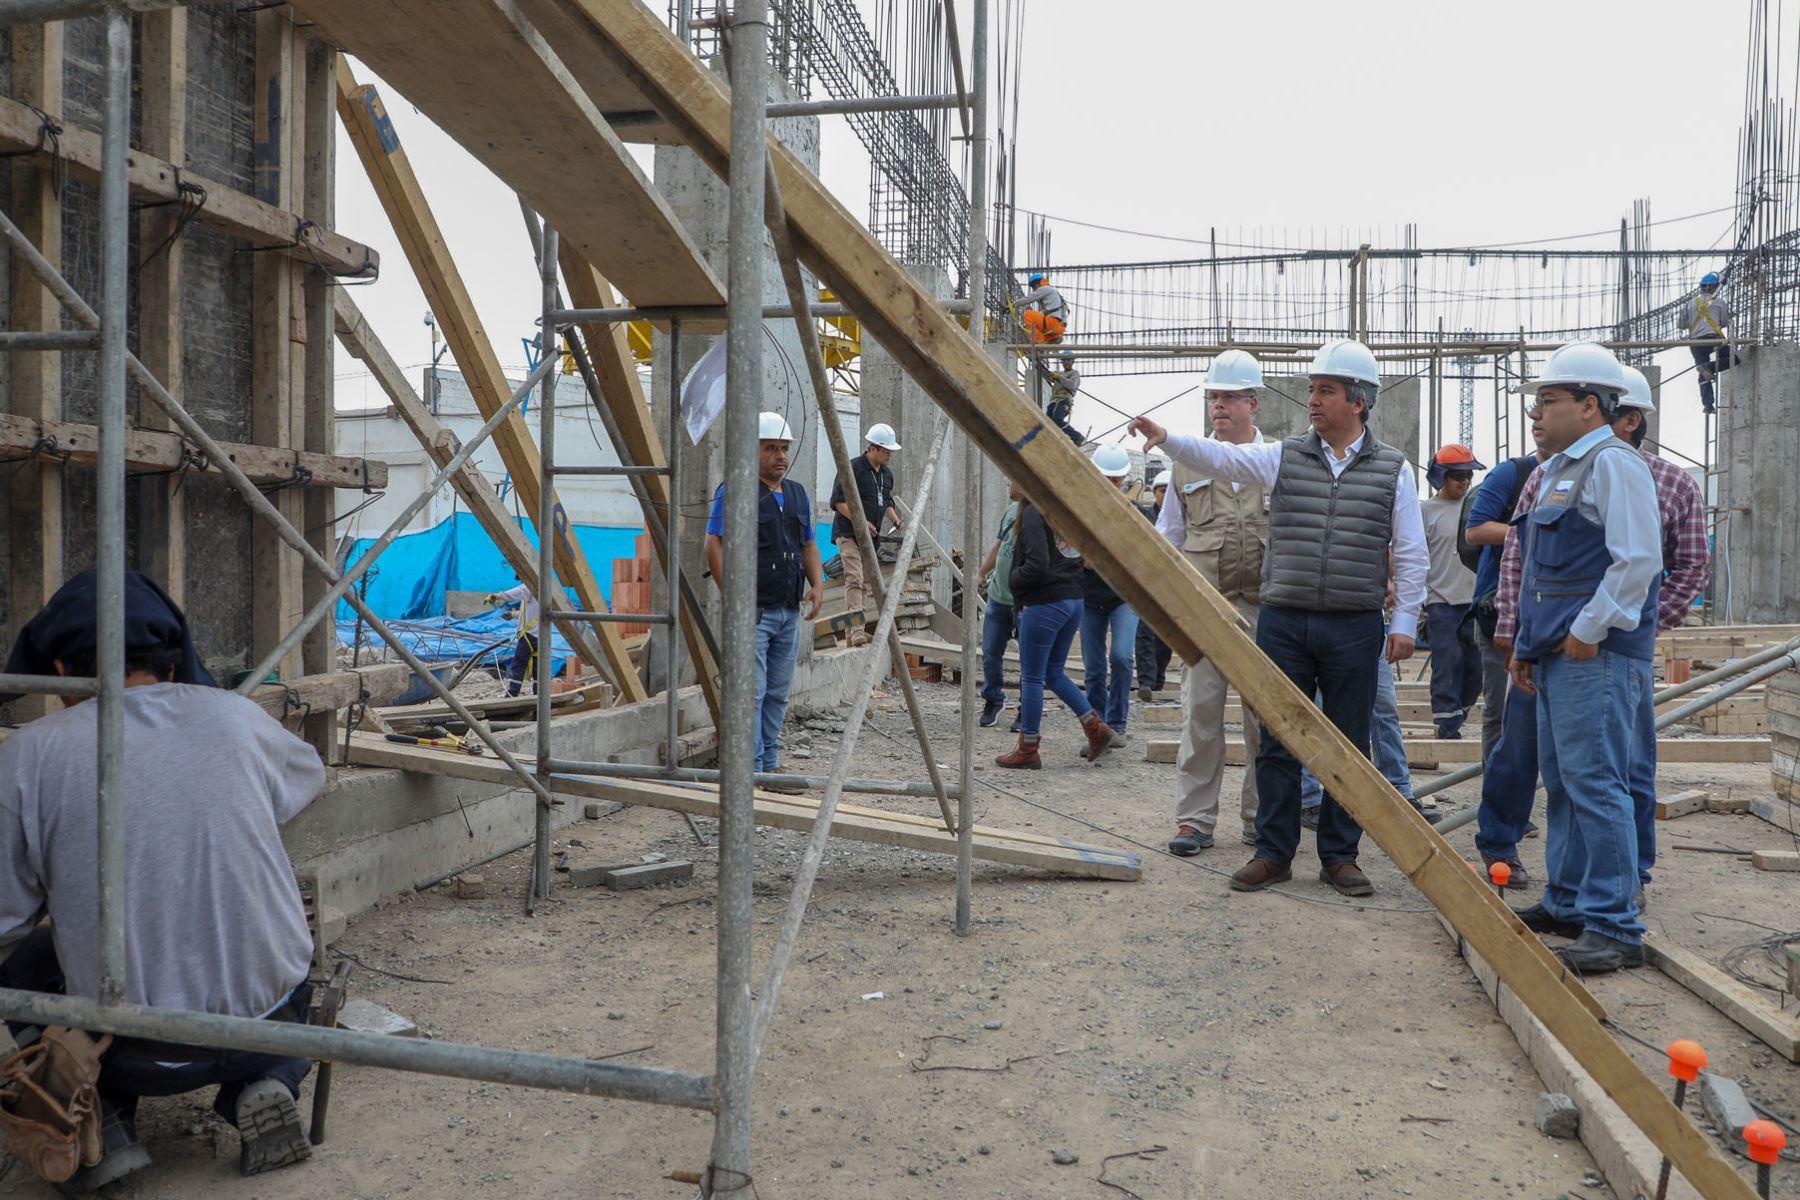 Las obras de mejoramiento del desembarcadero pesquero artesanal (DPA) de Ilo, en la región Moquegua, tienen un 45 % de avance, informó el ministro Raúl Pérez-Reyes.